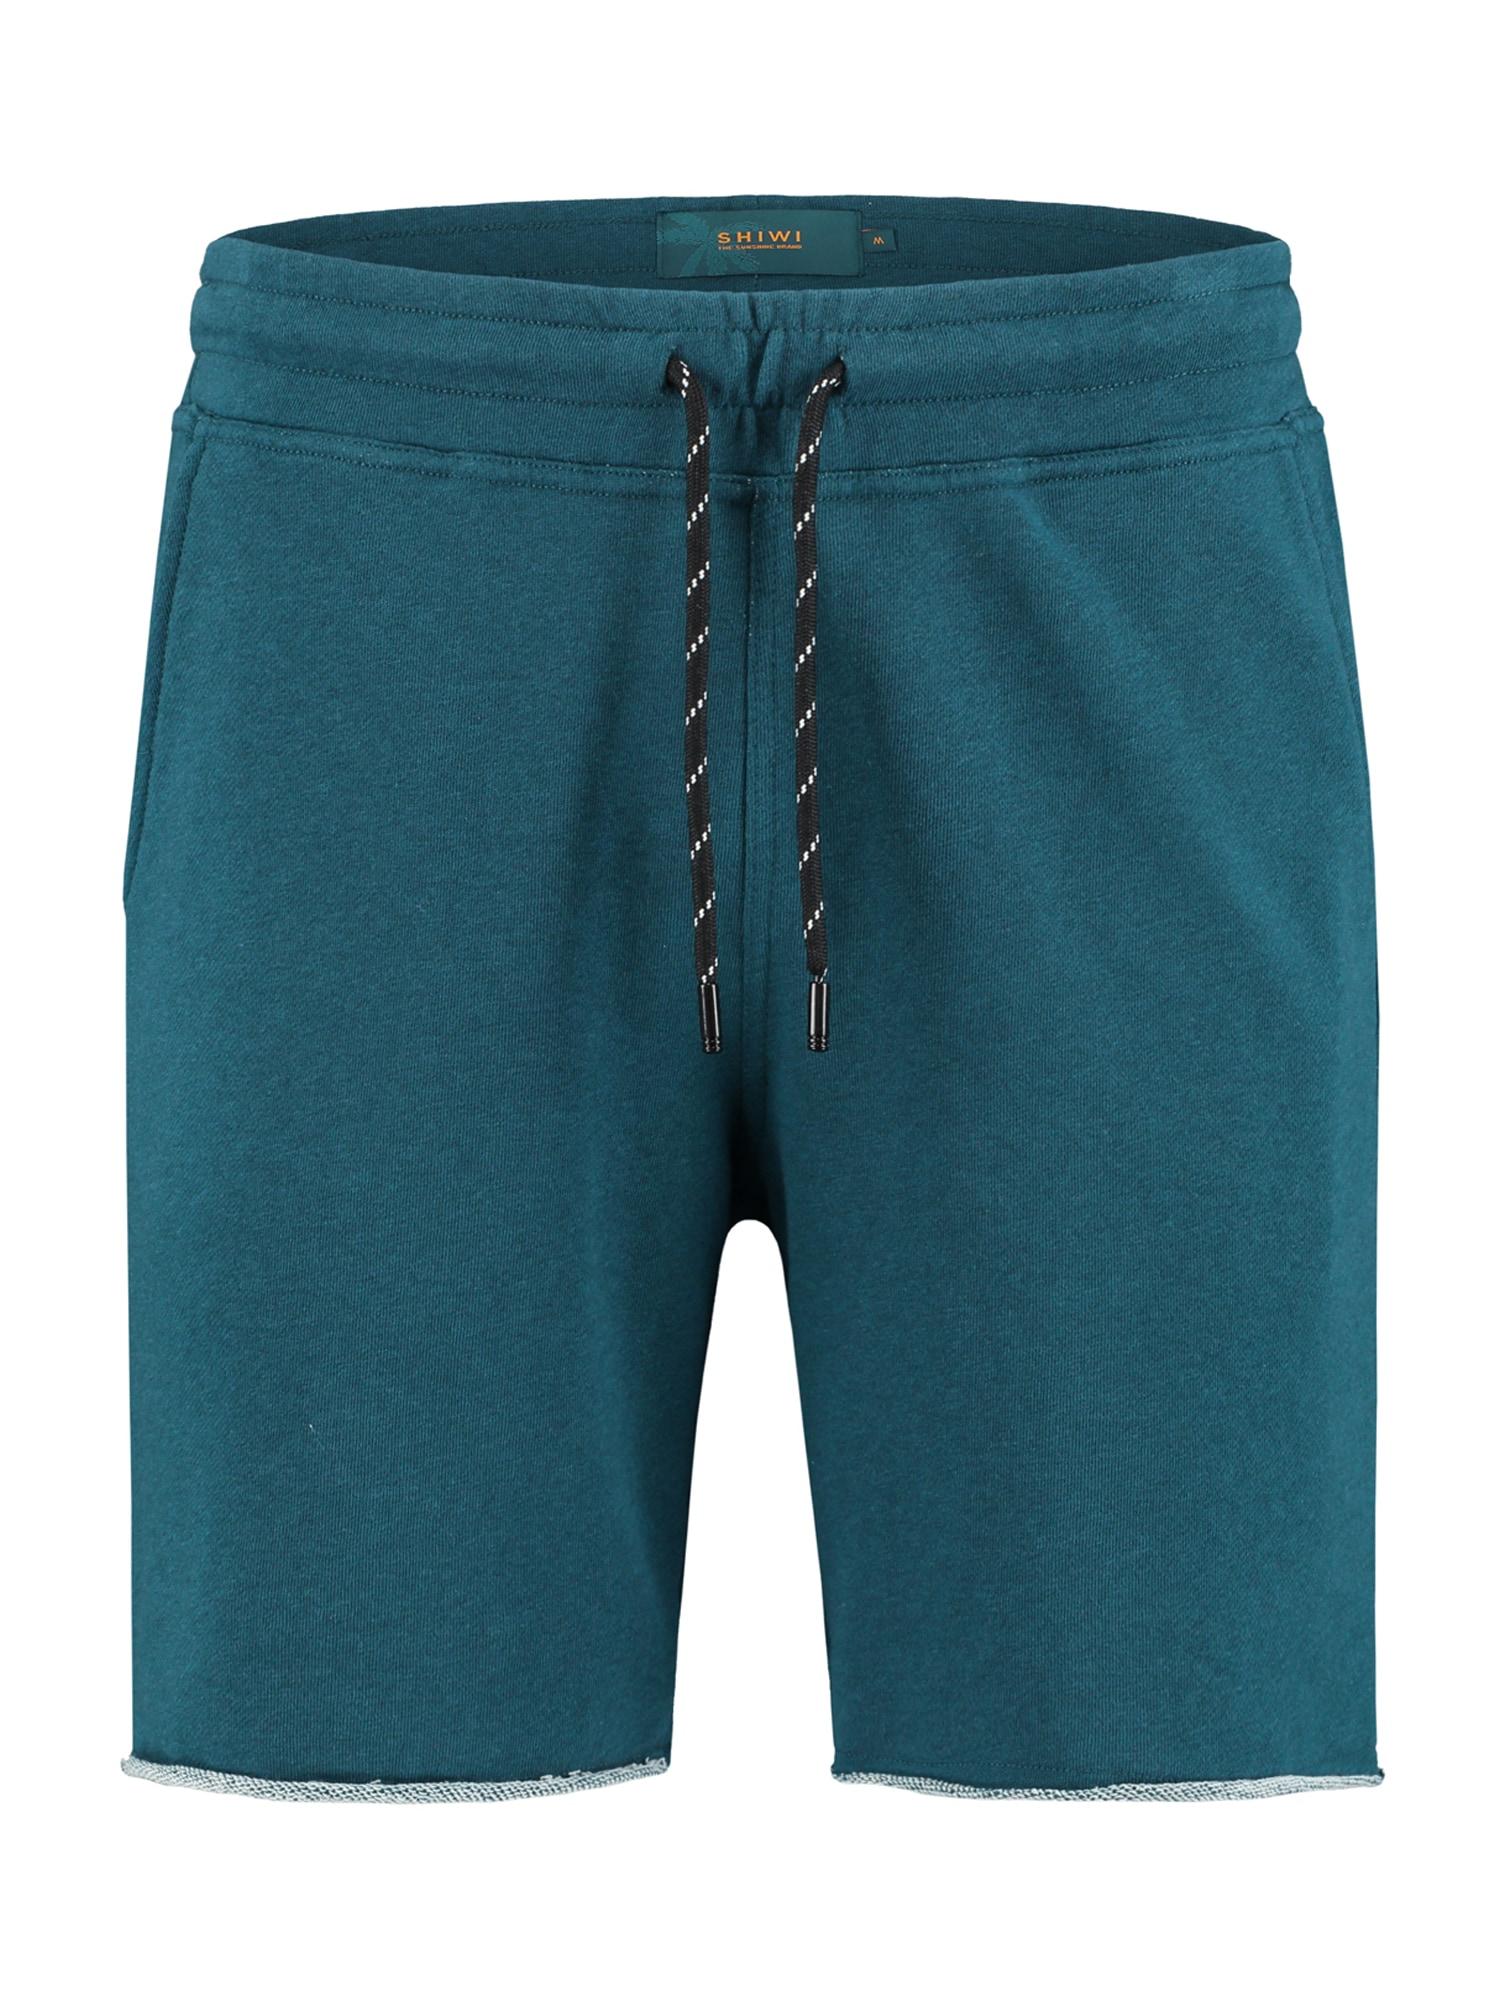 Shiwi Kelnės mėlyna